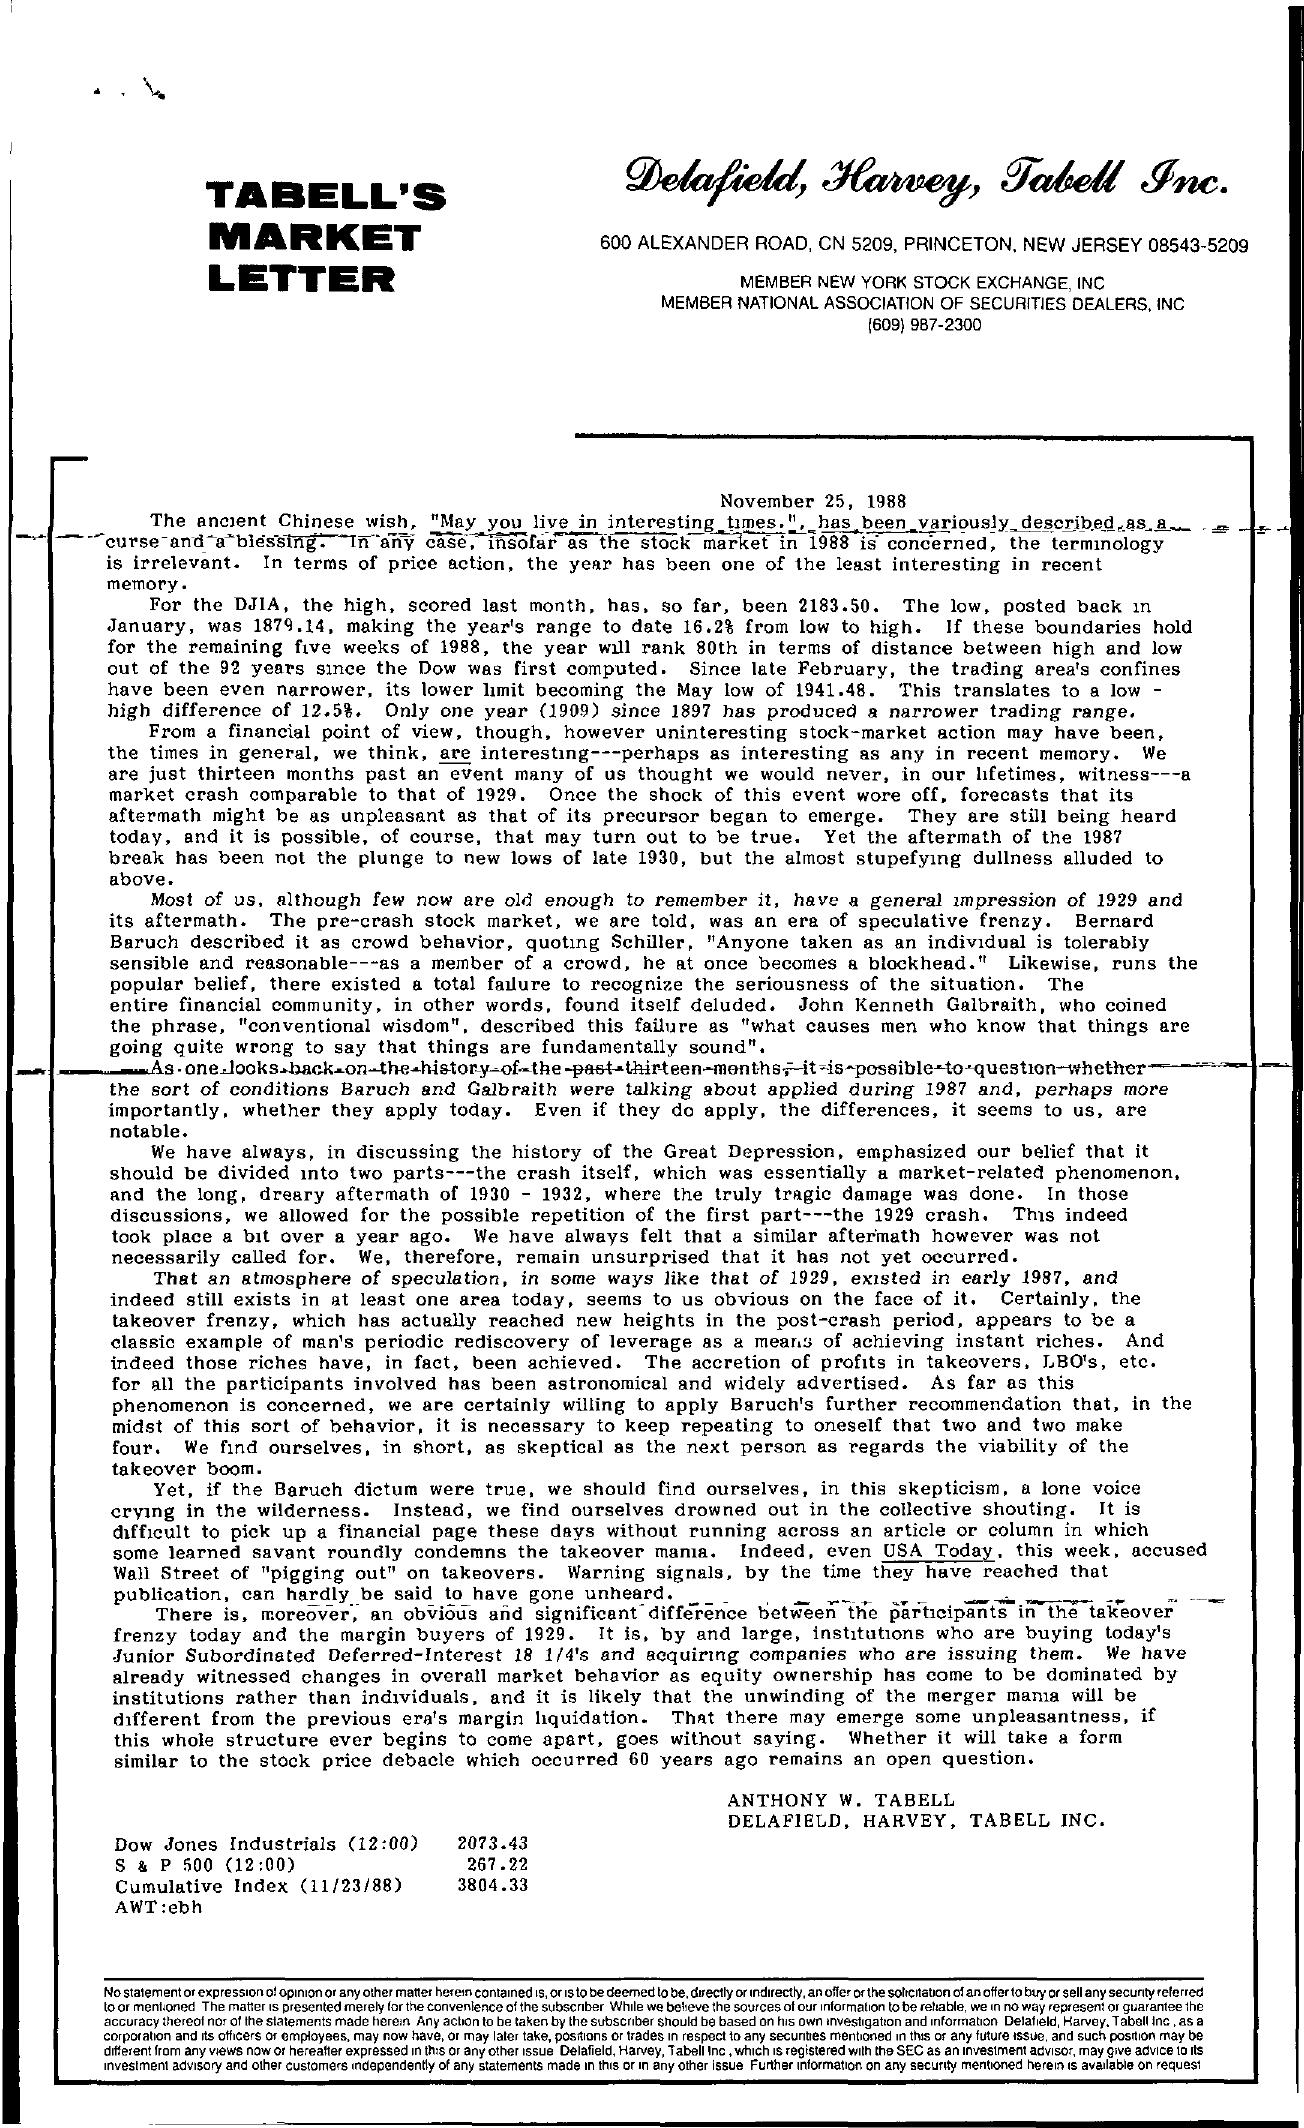 Tabell's Market Letter - November 25, 1988